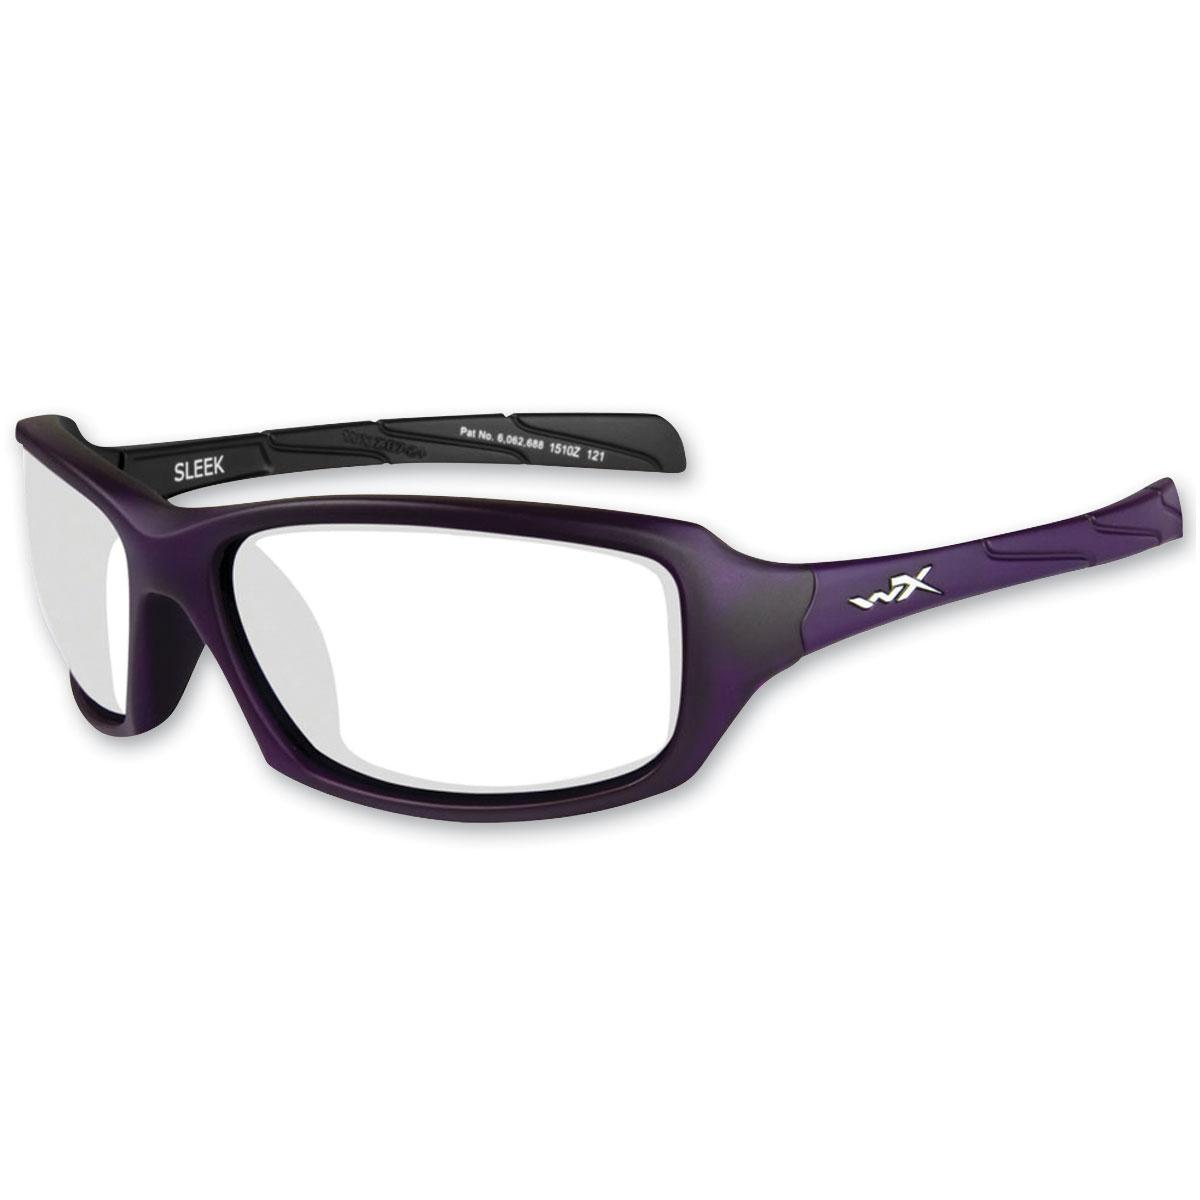 Wiley X Sleek Matte Violet Frames